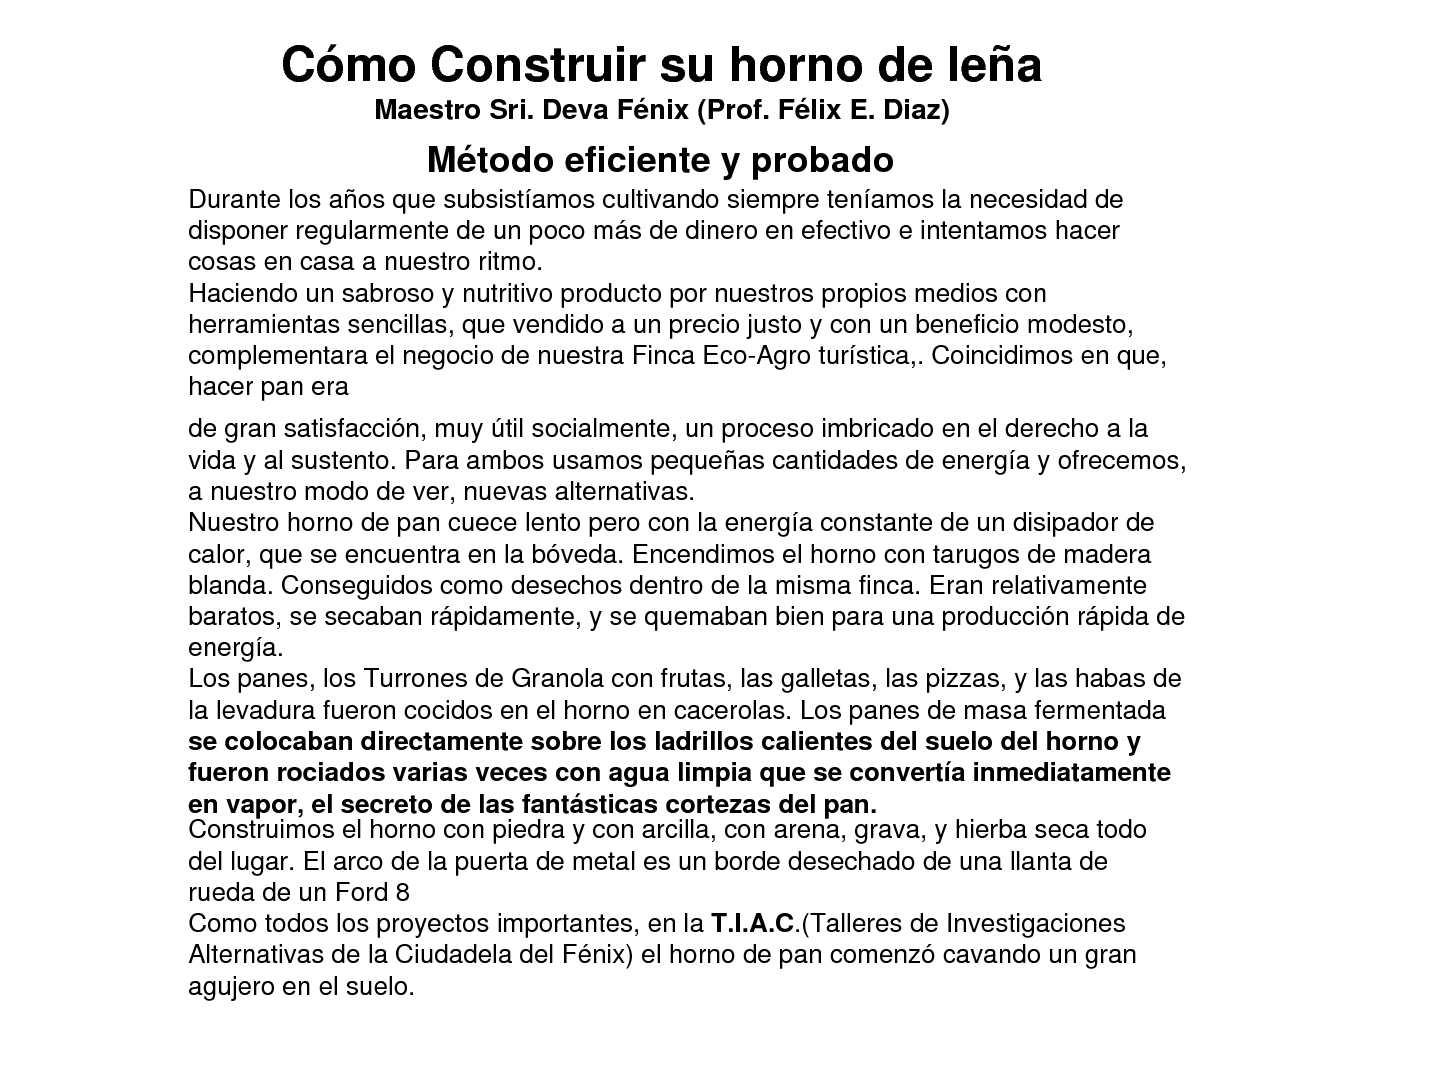 Construir Un Horno De Lea Amazing Hacer Horno De Lea Casero With